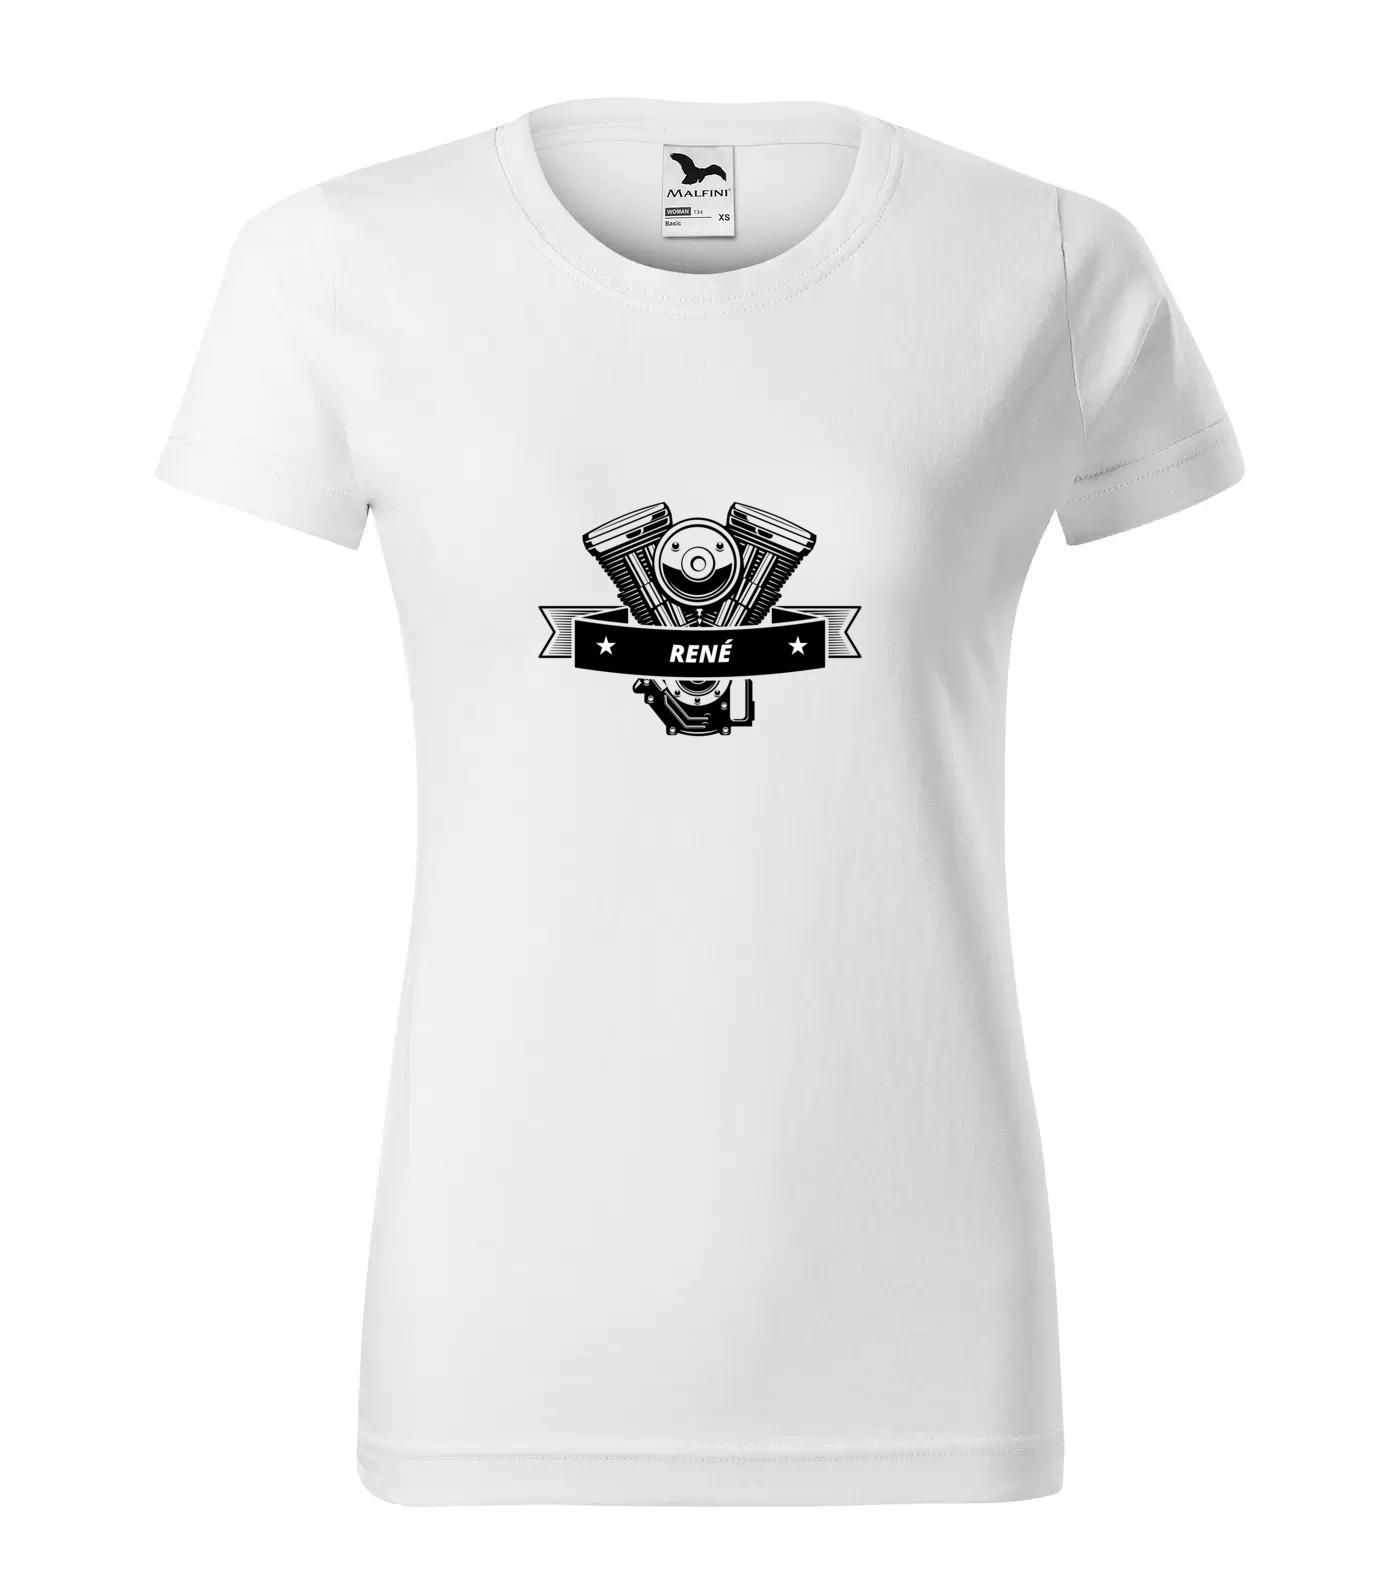 Tričko Motorkářka René